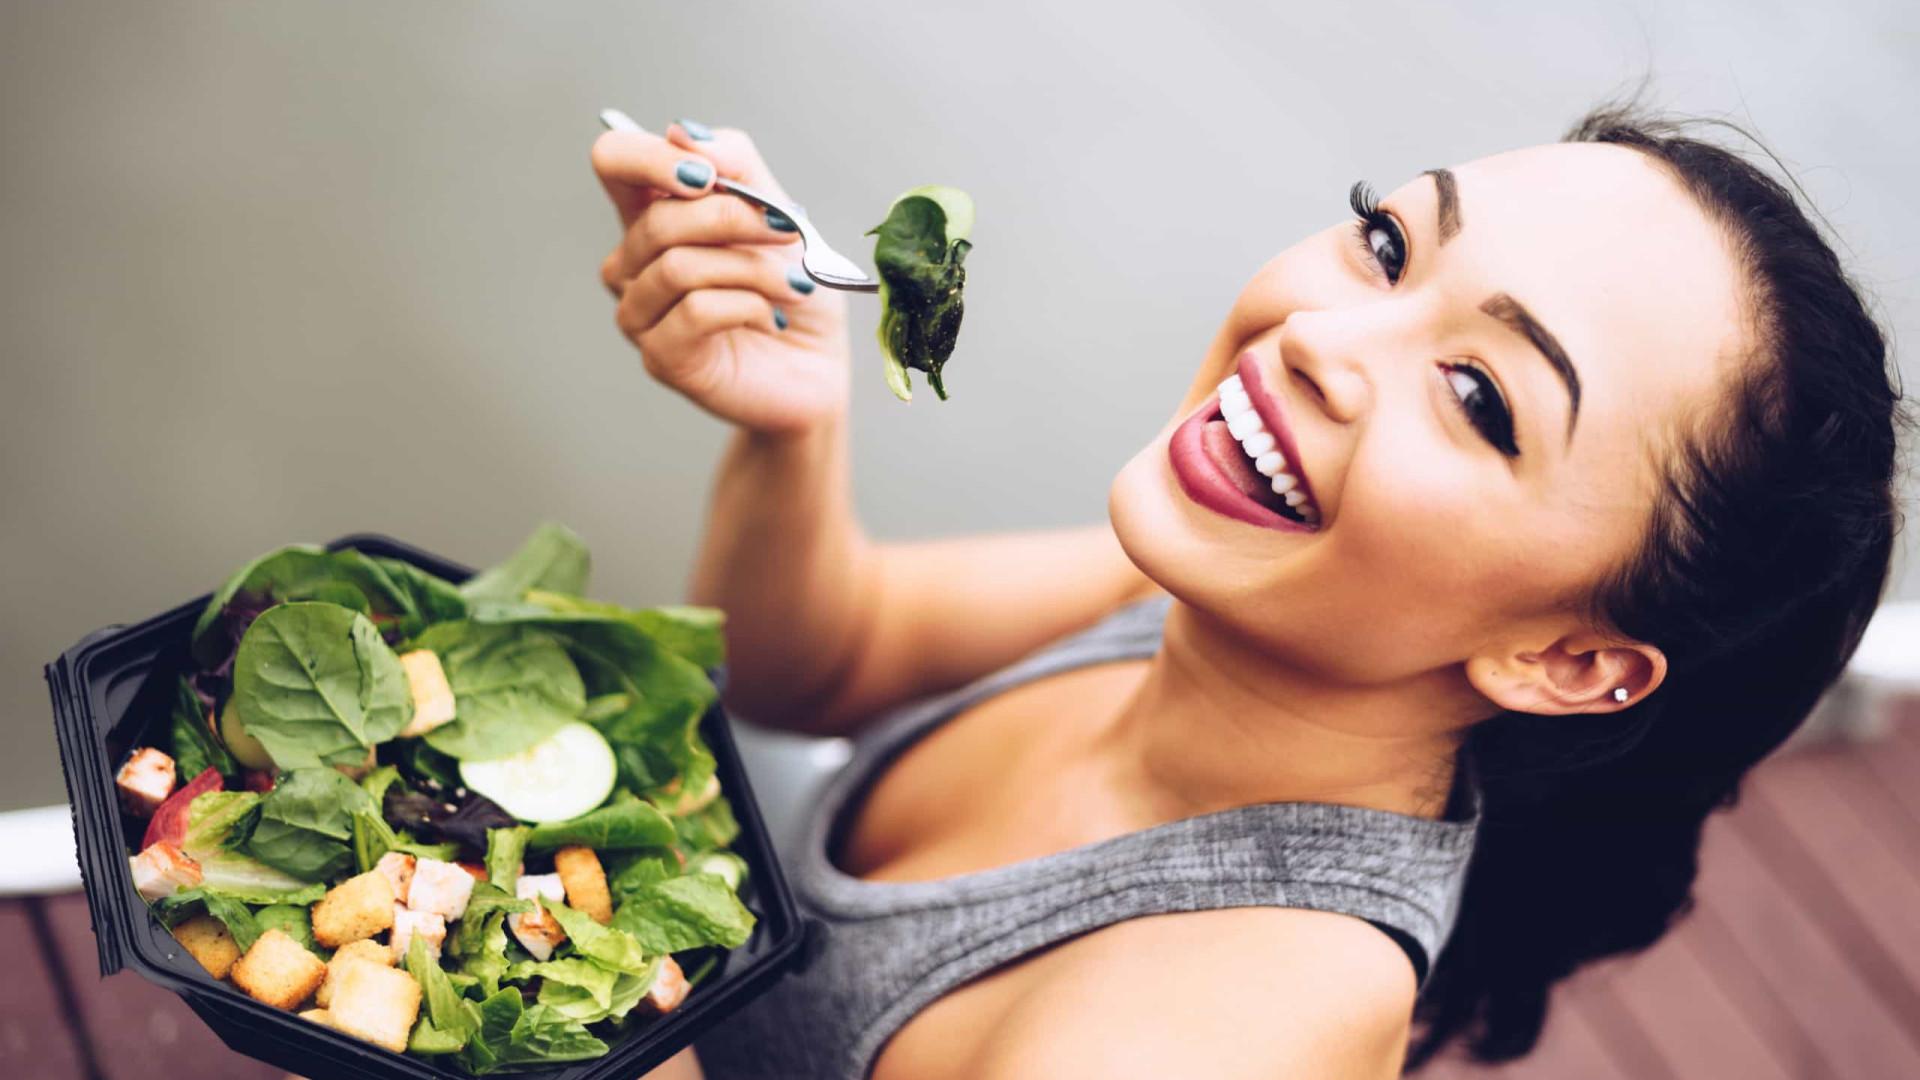 Dieta vegetariana pode prevenir infeções urinárias